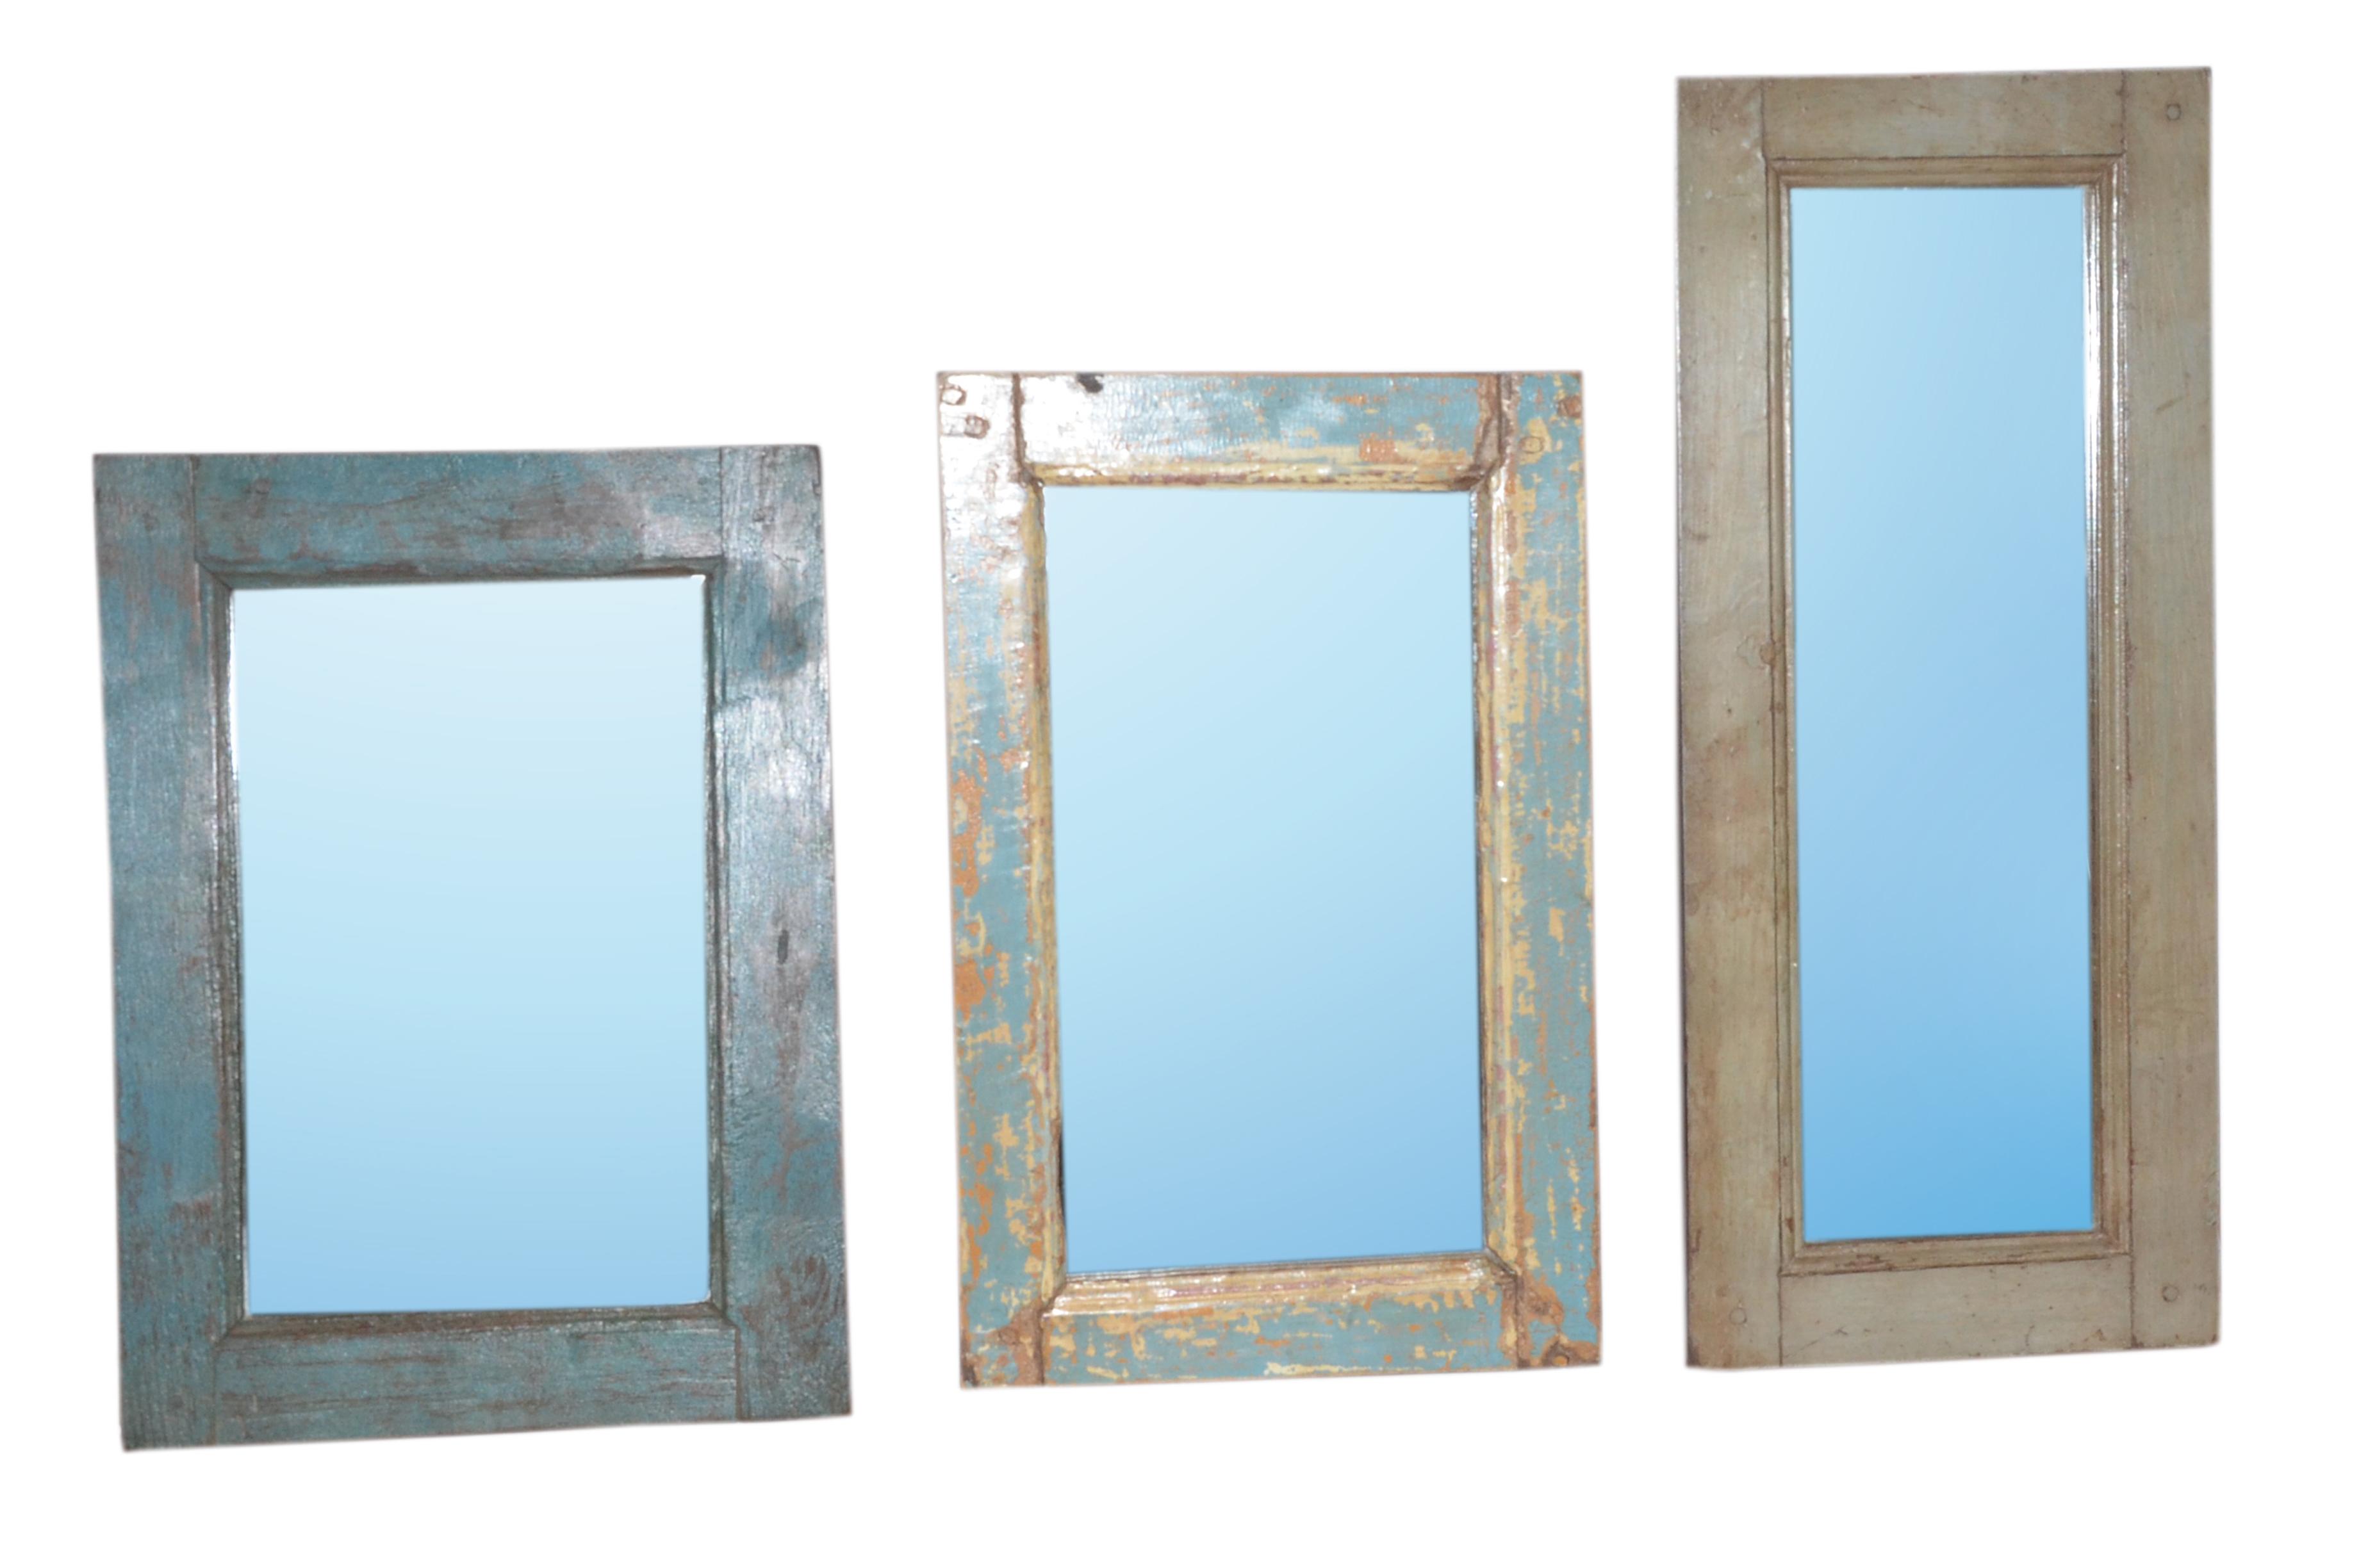 ANJO930 - 40 x 3 x 40 or 50 cm